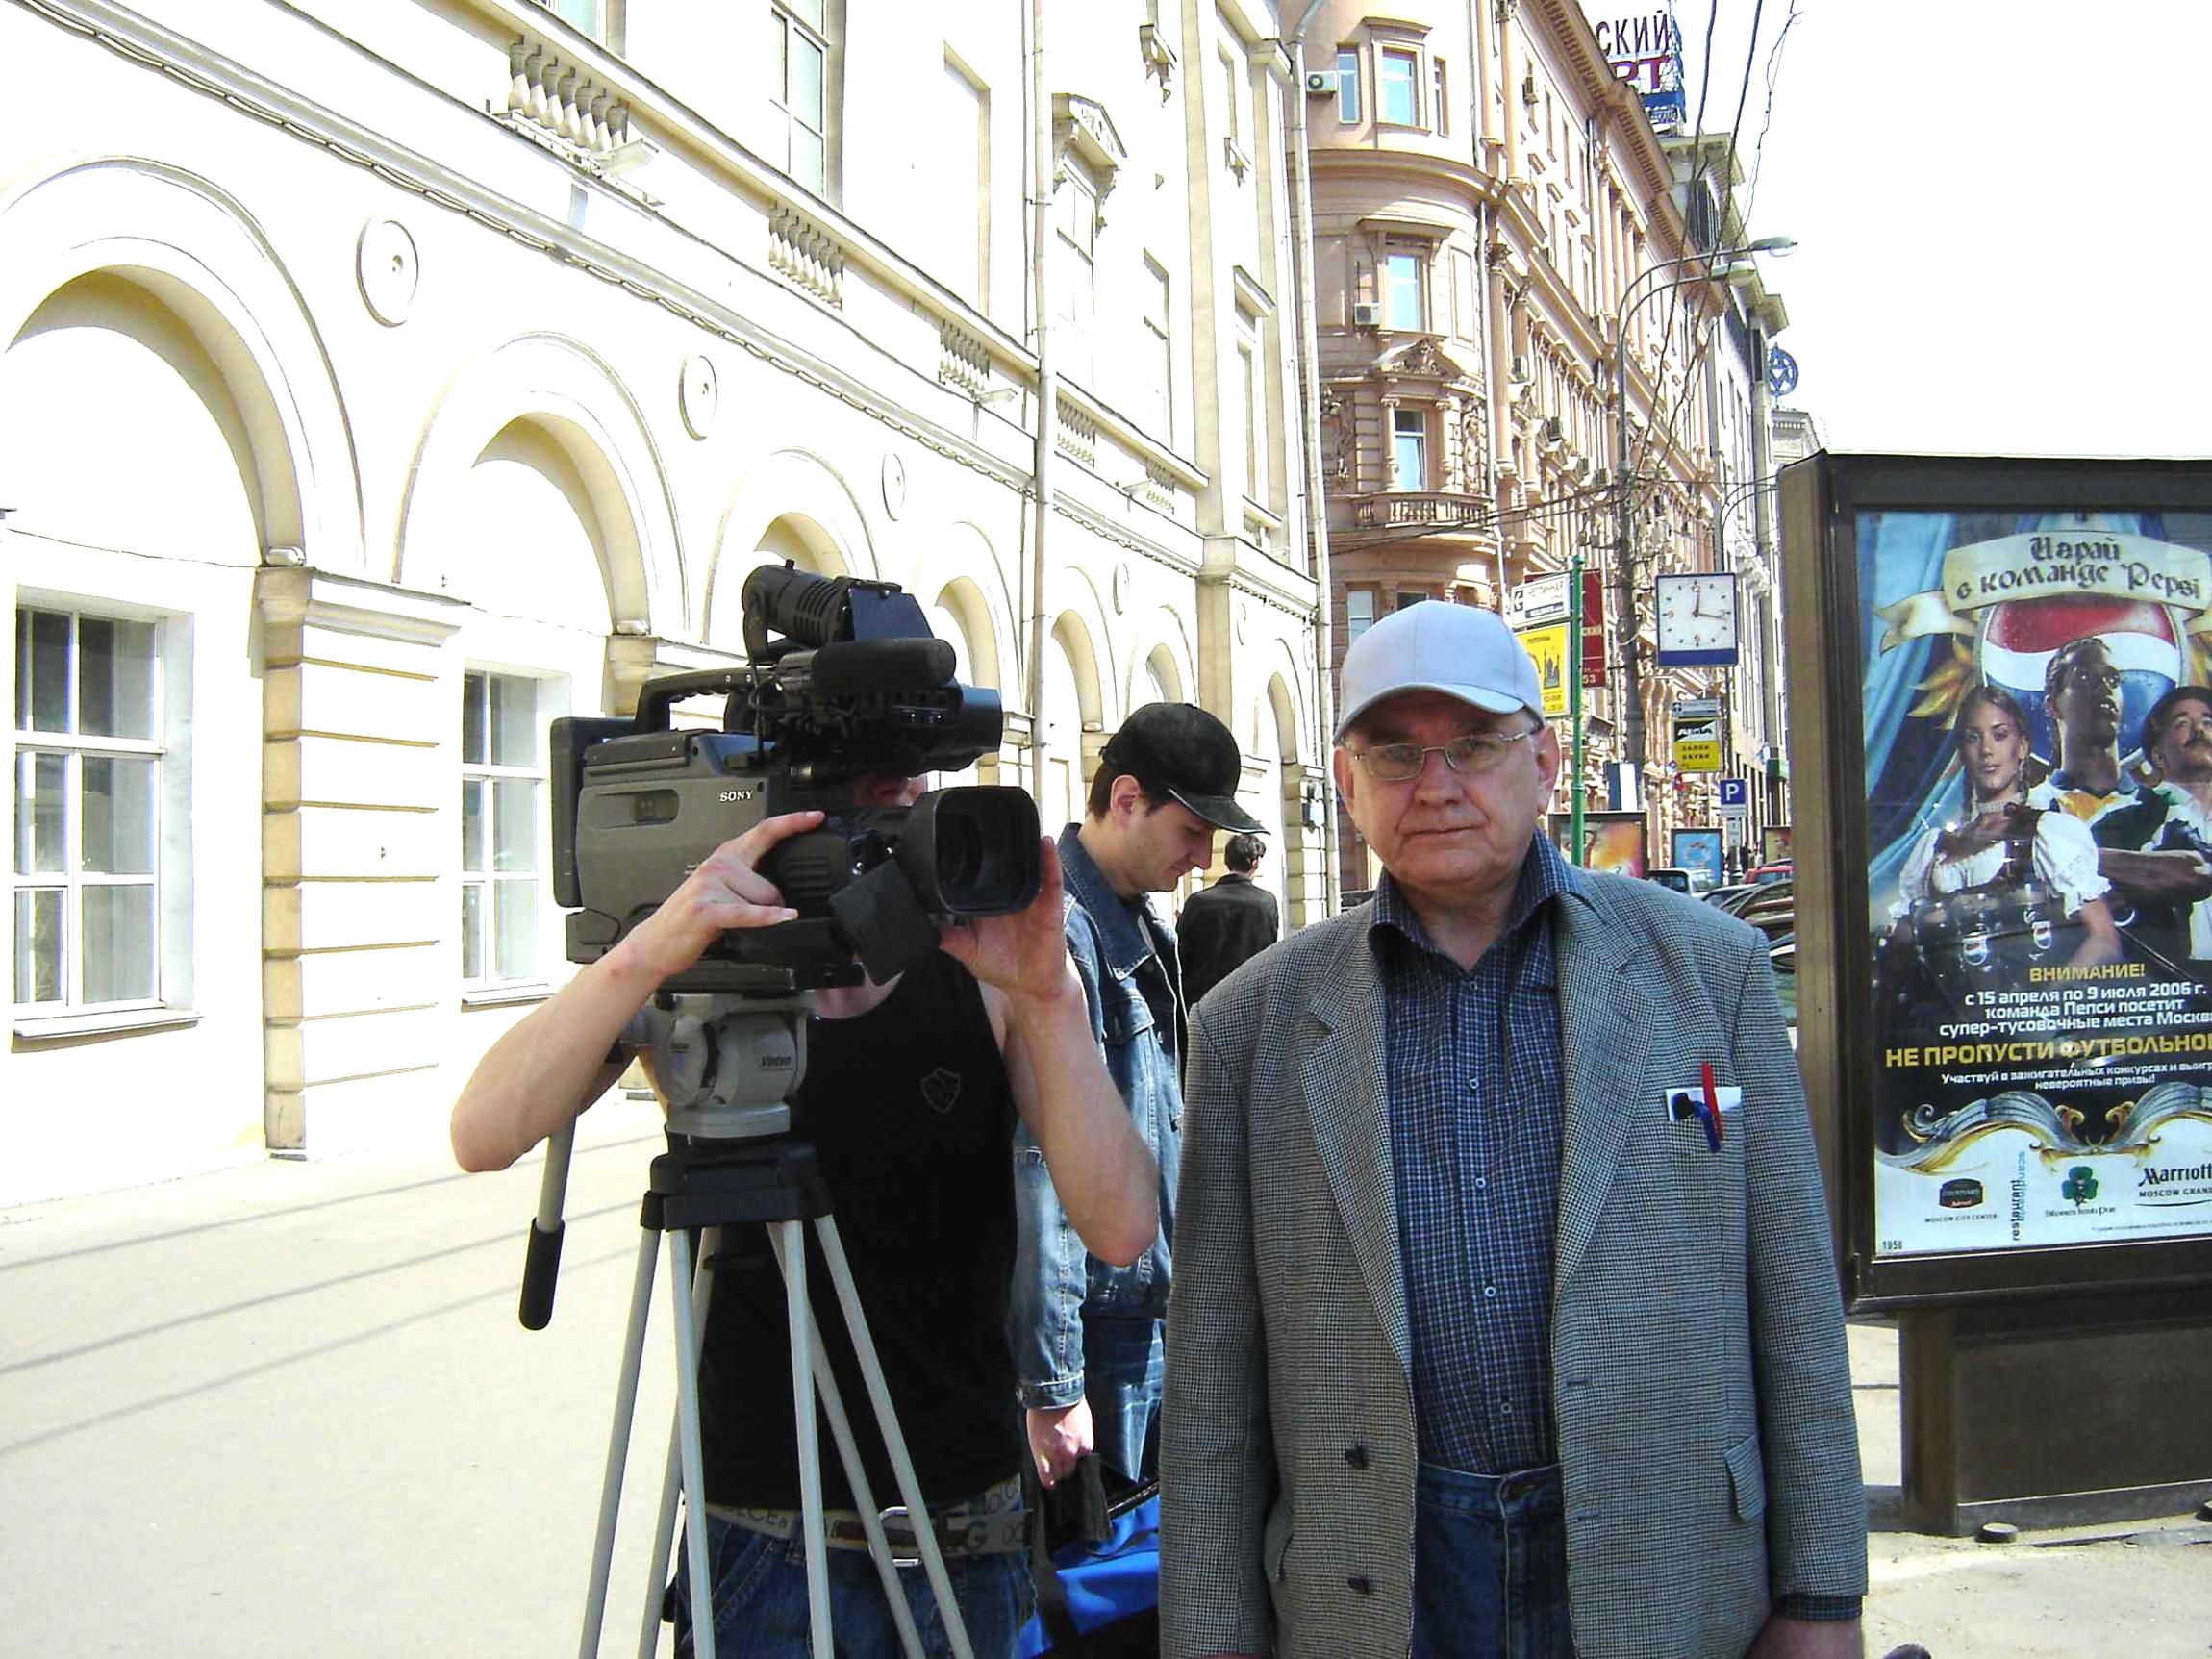 kuvaldin-yuriy-zhizn-v-tekste-2006-3